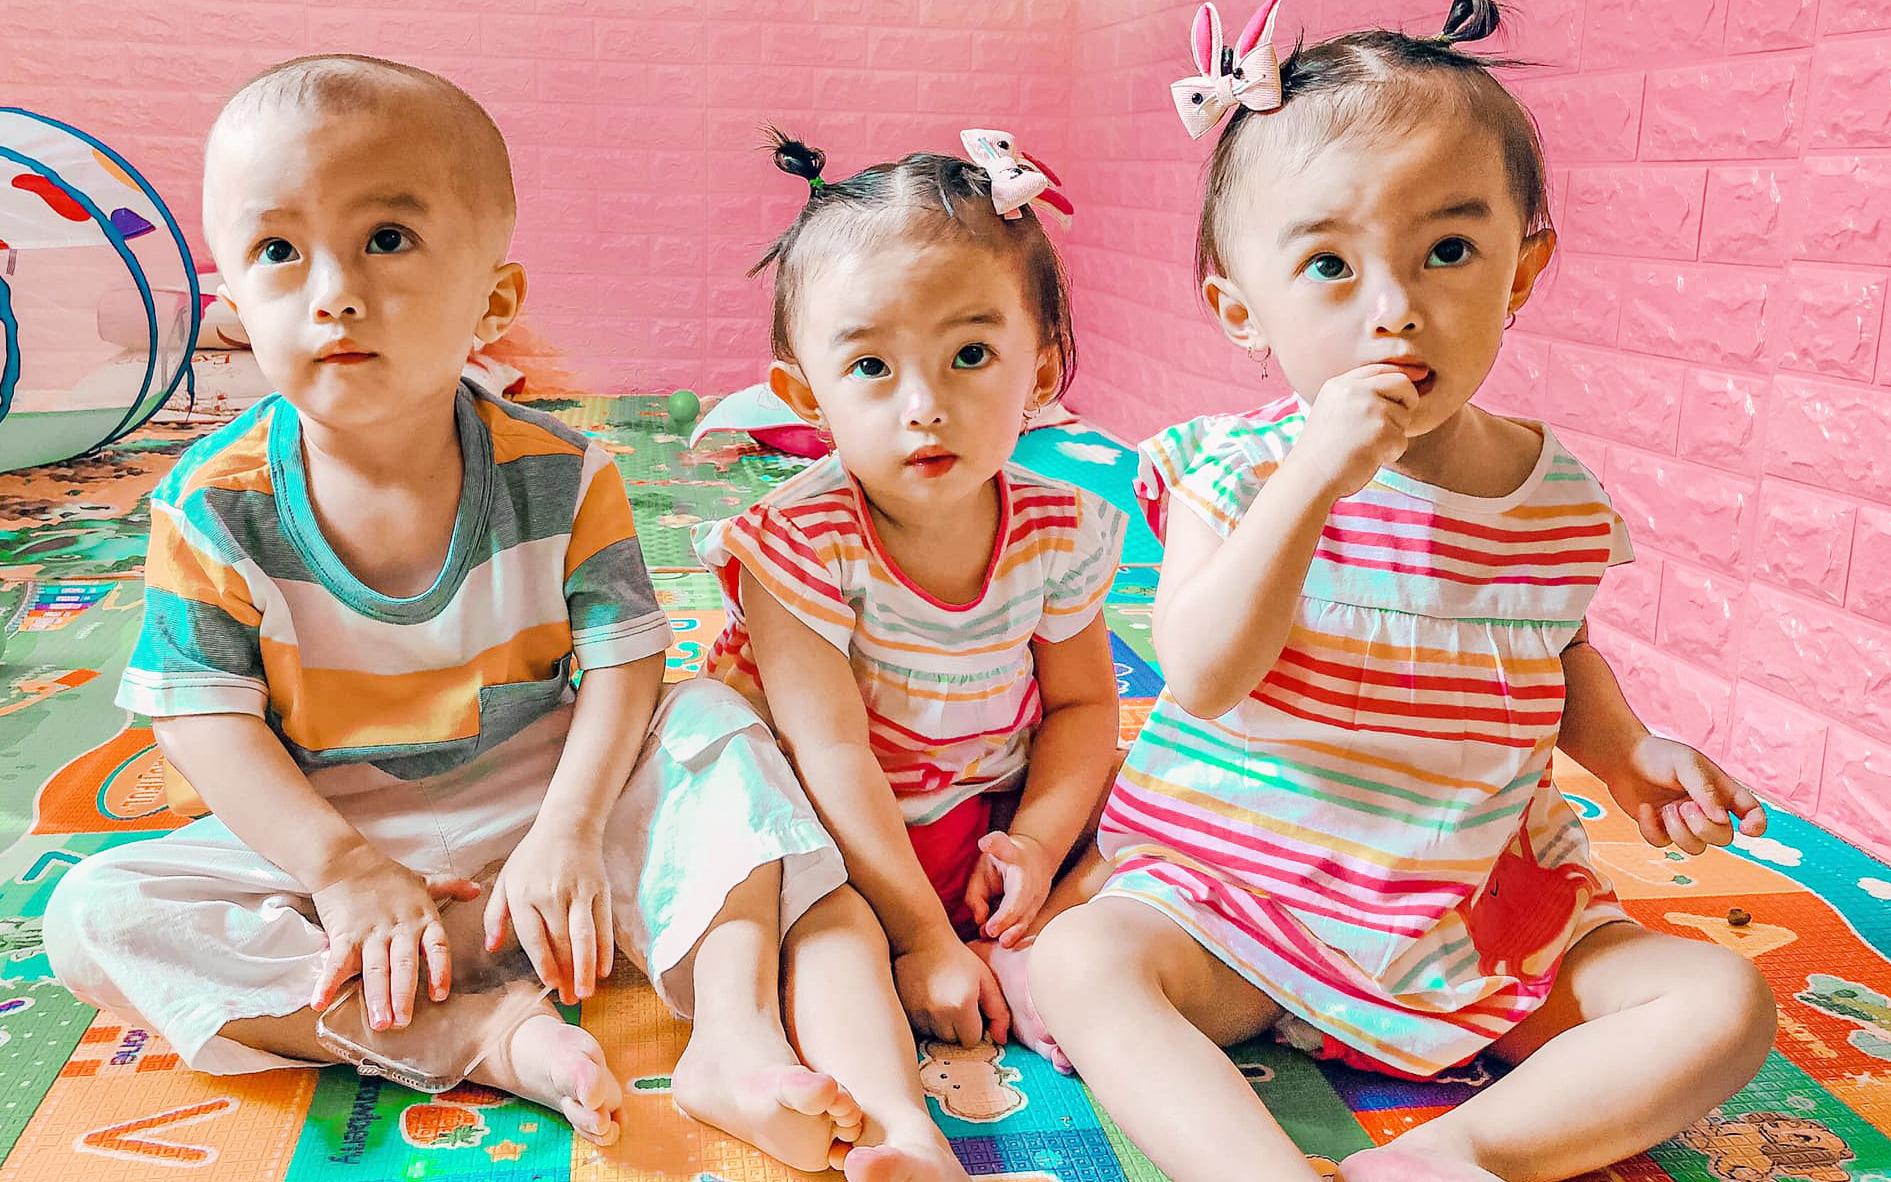 """Cuộc sống hiện tại của bà mẹ từng bất chấp nguy hiểm để sinh ba: Cả nhà """"đuối"""" vì chăm các bé, mỗi tháng tốn 25 triệu đồng"""